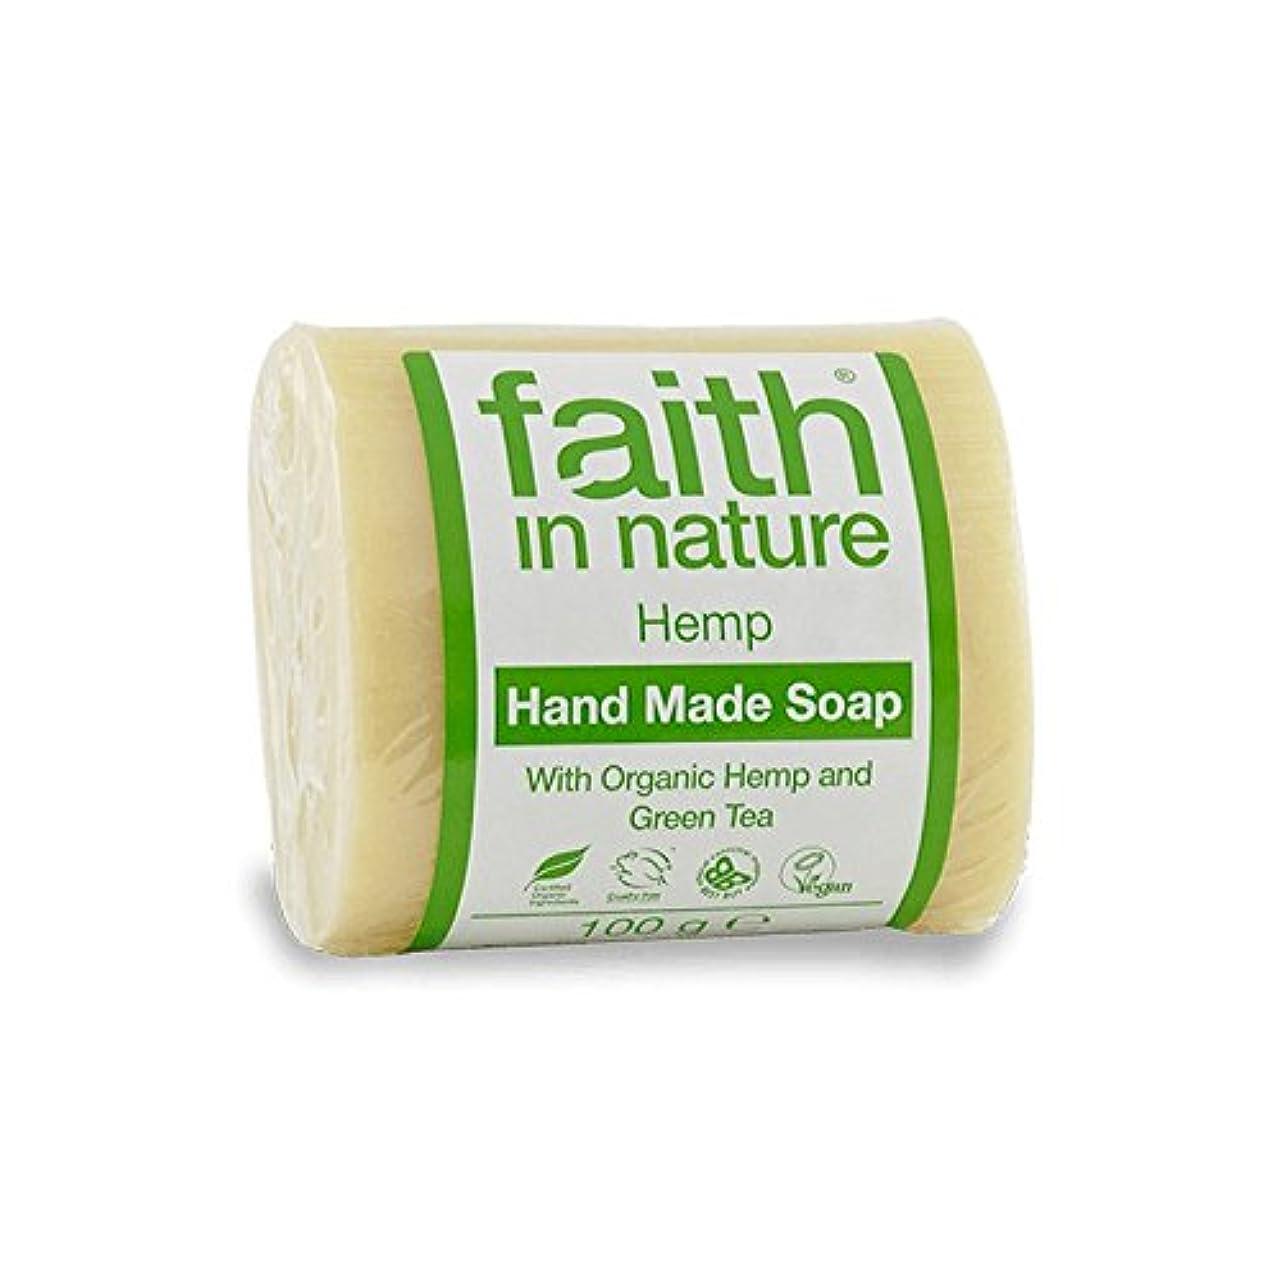 緑茶石鹸100グラムと自然の麻の信仰 - Faith in Nature Hemp with Green Tea Soap 100g (Faith in Nature) [並行輸入品]